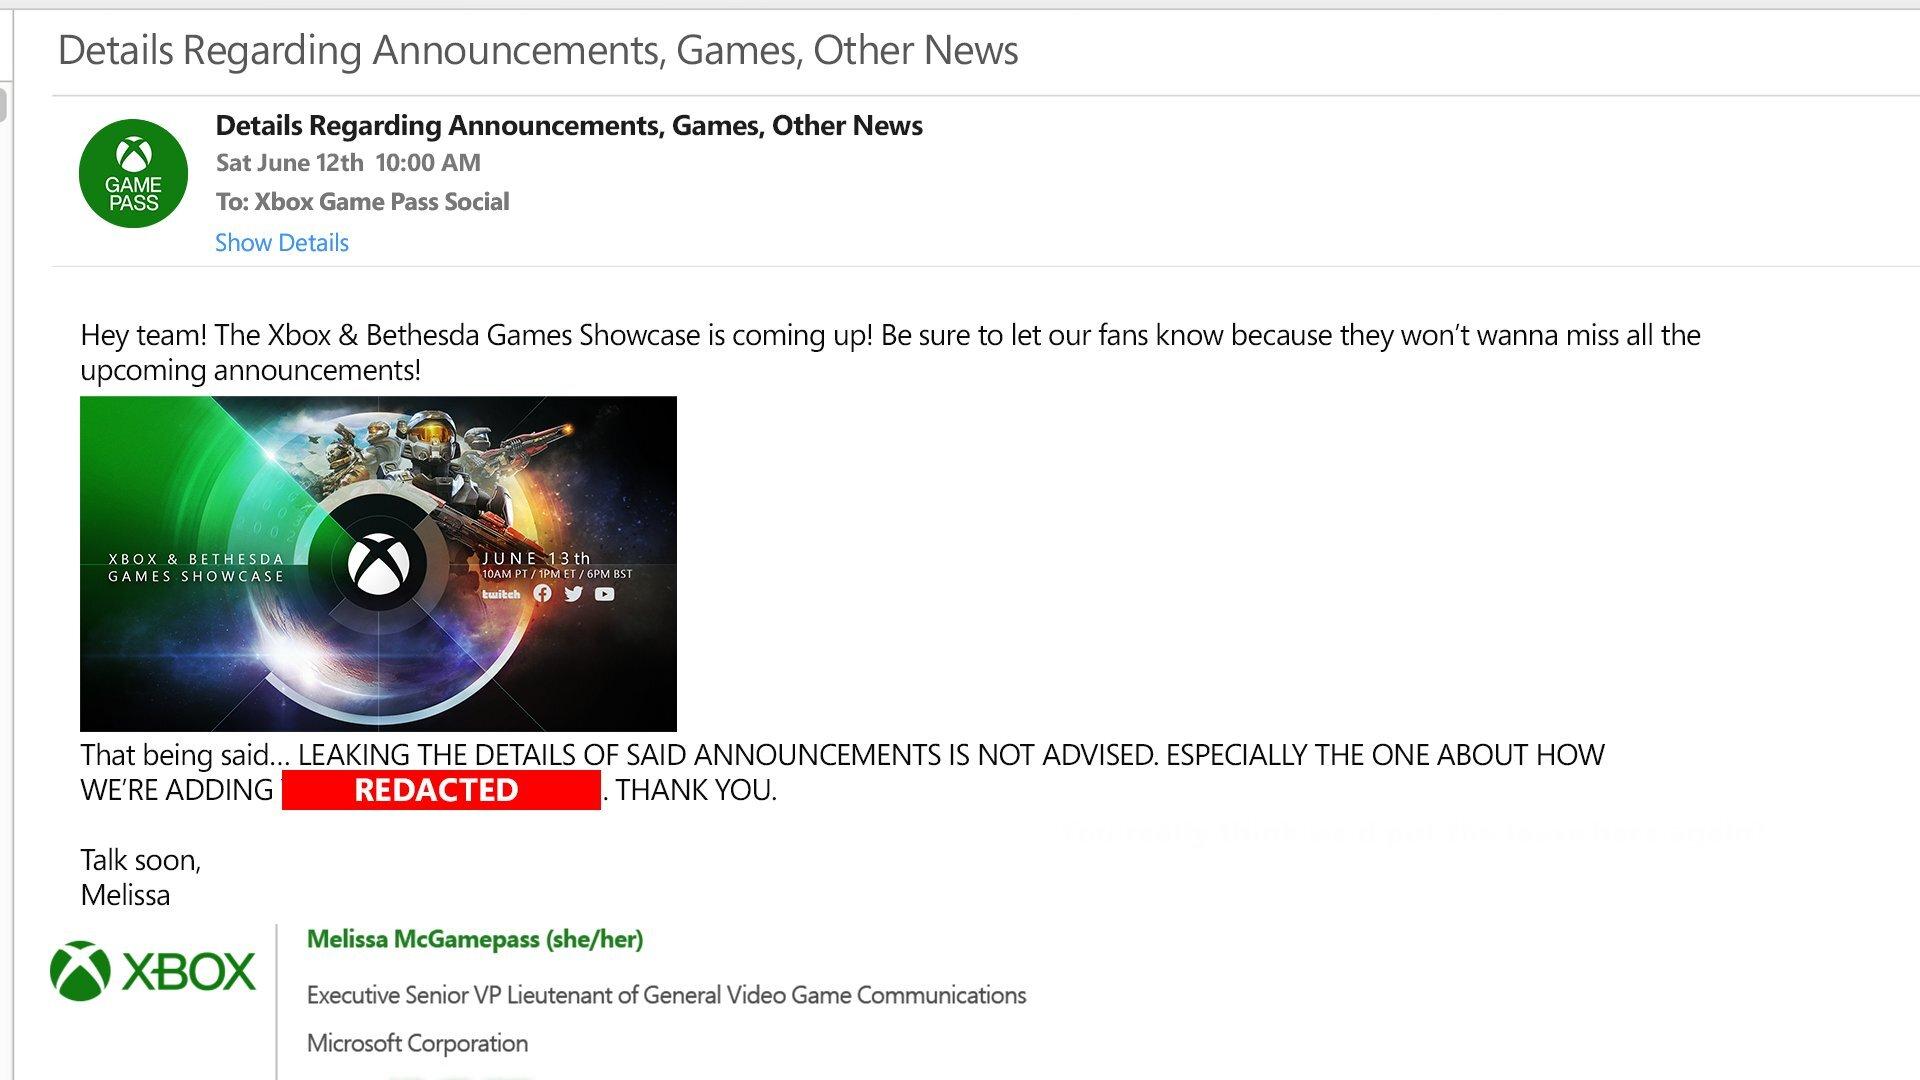 传闻:《如龙7》传奇英雄版将加入XBox Game Pass